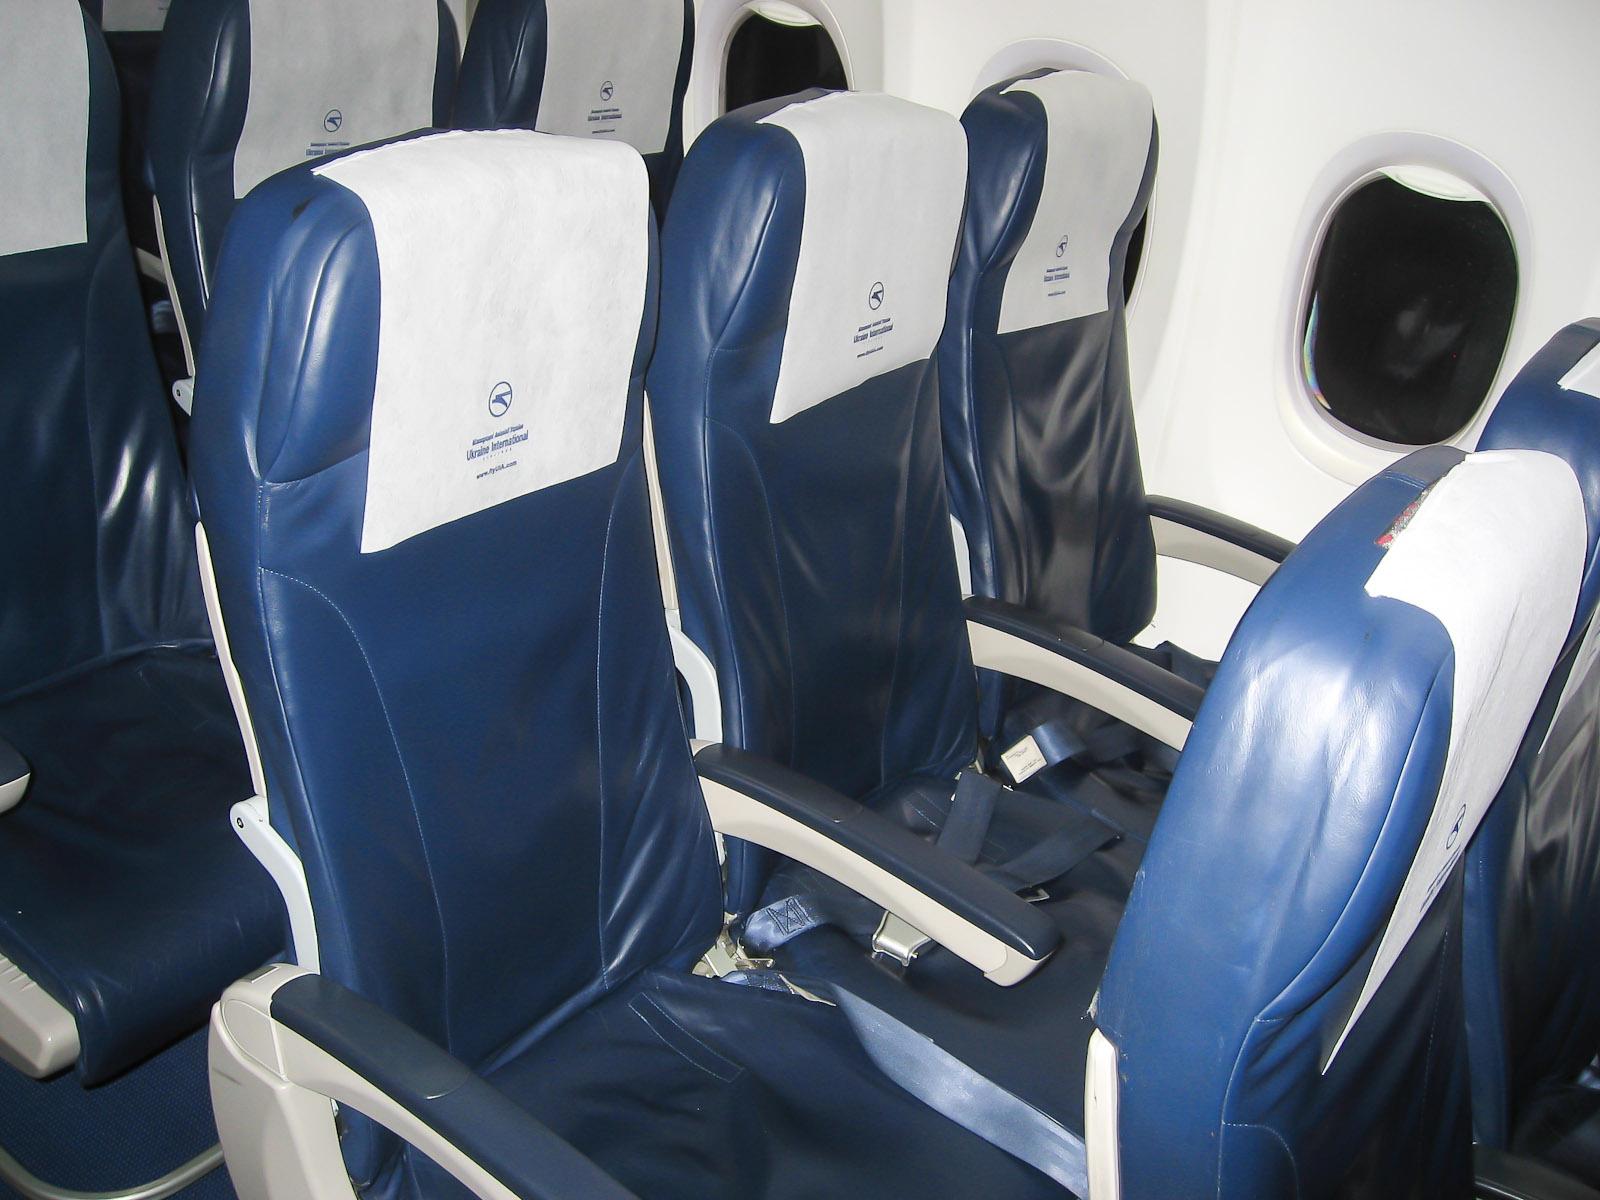 Кресла экономического класса в самолете Боинг-737-800 Международных авиалиний Украины